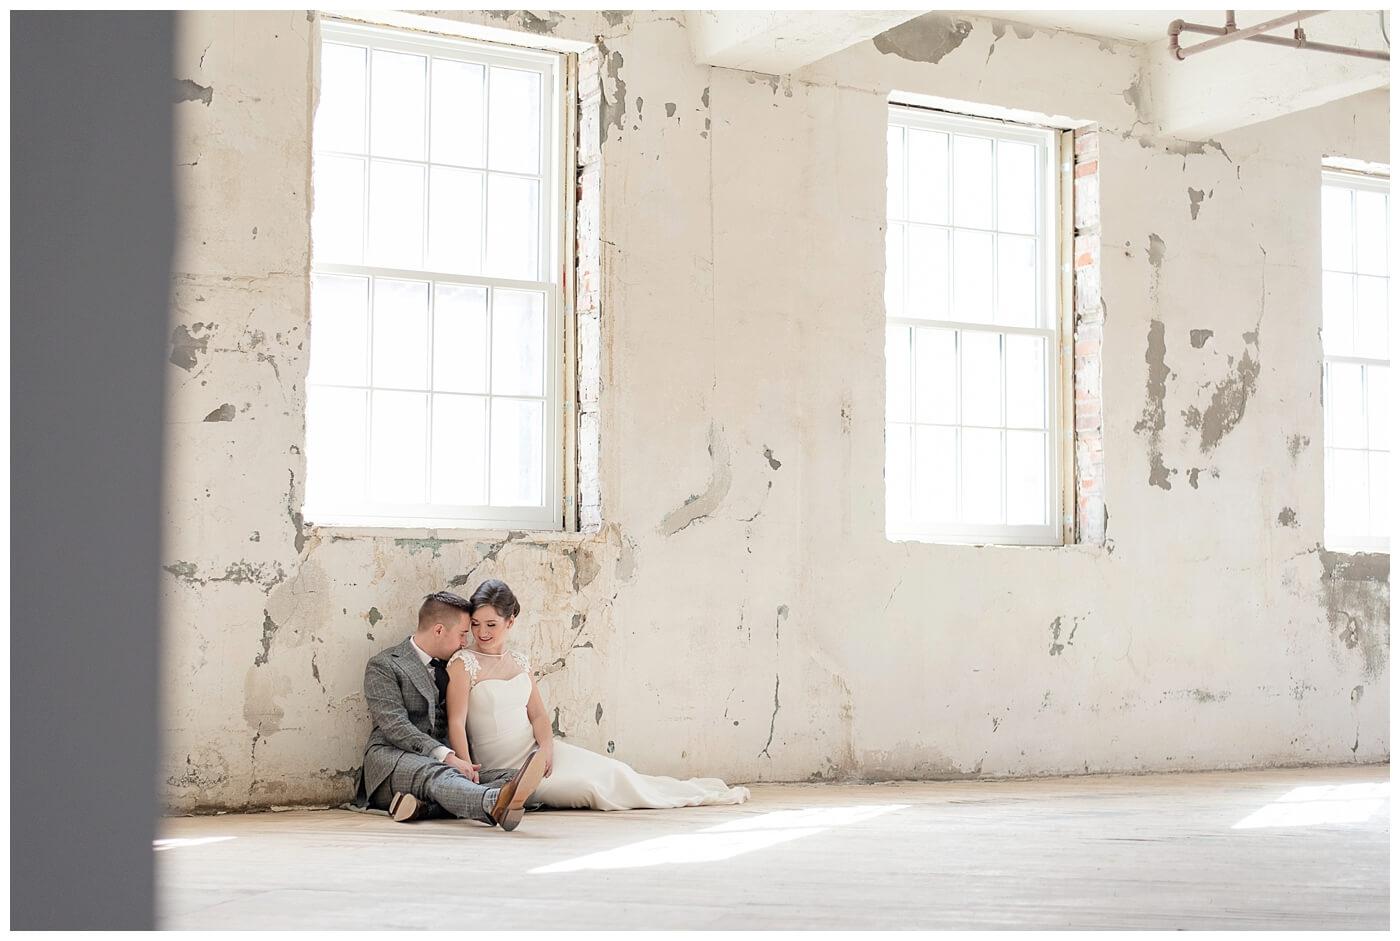 Mark & Kyra - Wedding - 13 - Mark & Kyra - Weston Bakery